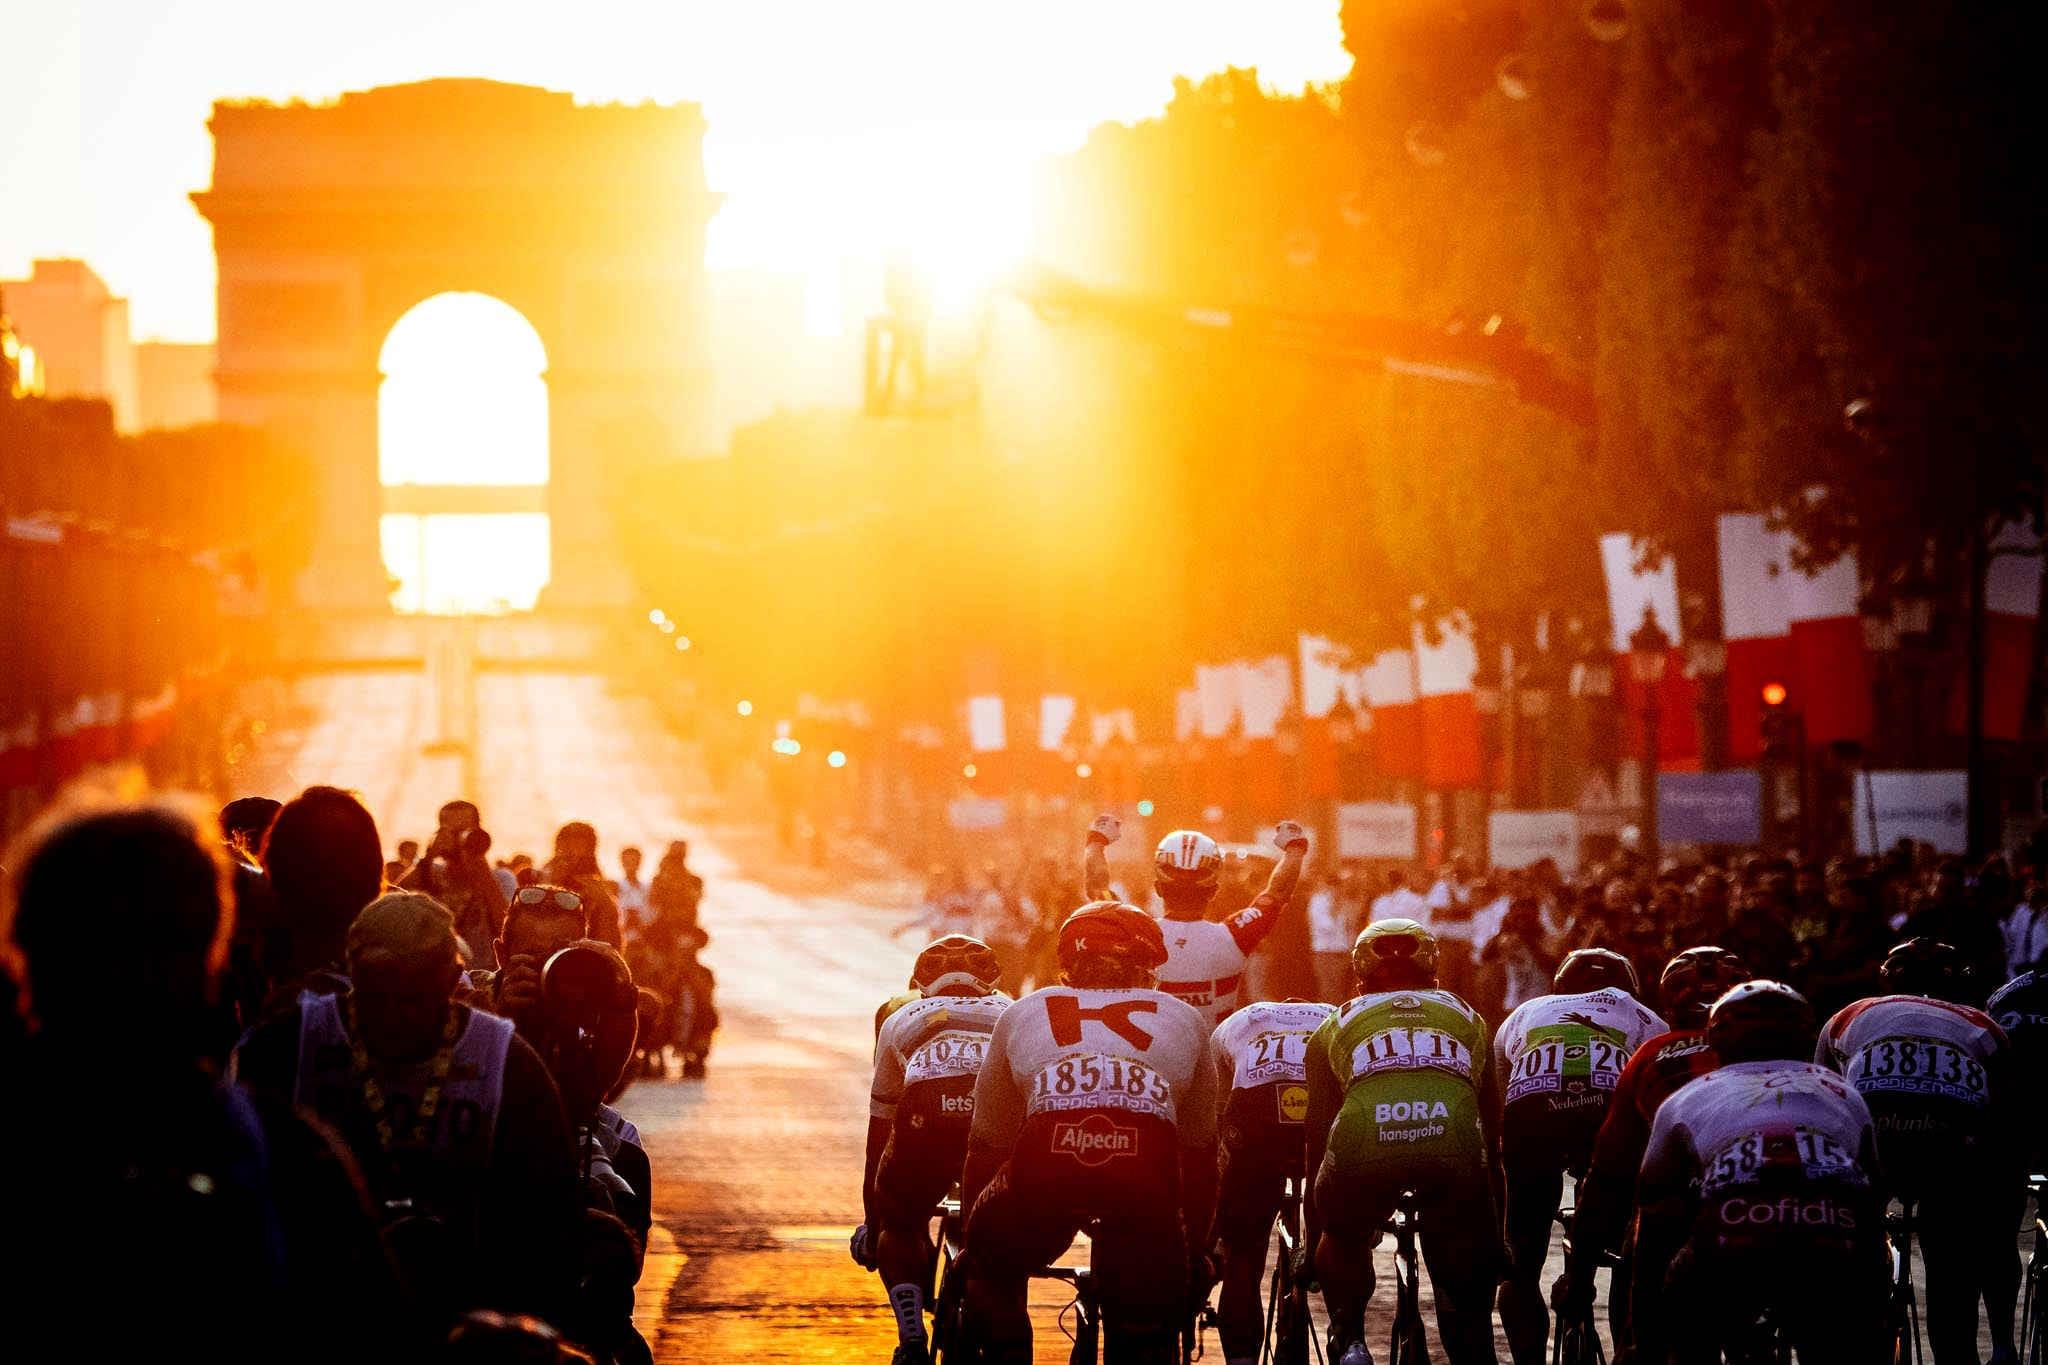 Велогонки на Бетслив В разделе Велогонки на Бетслив размешены новости, обзоры и расписание самых попу-лярных в мире велоспортивных соревнований: Тур де Франс, Чемпионата мира по ве-лошоссе, Джиро'д Италия и других. H3: Велогонки на Бетслив: интересные факты Существует несколько видов велогонок: однодневки, многодневки и так называемые гранд-туры – супермногодневки. Трассы в велогонках отличаются по протяженности, профилю (горы, холмы или равнины) и виду дорожного покрытия (асфальт, грунт, булыжная мостовая). Гранд-туры обычно включают в себя разные по сложности, профилю и продолжительности этапы. Велоспортсмены состязаются между собой на национальных первенствах, Чемпионате мира, Олимпийских играх и других соревнованиях. Элитные шоссейные велогонки входят в Мировой тур UCI. Самыми престижными среди всех велогонок являются три гранд-тура: • Тур де Франс • Джиро'д Италия • Вуэльта Испания Победа на любом из них более почетна, чем победа на Олимпиаде. Каждый из гранд-туров – это трехнедельный заезд, который состоит из 21 этапа, проходящего на равнин-ной, холмистой, среднегорной или высокогорной местности. Общая протяженность маршрута гранд-тура – несколько тысяч километров. Интересные факты о Тур де Франс для читателей раздела Велогонки на Бетслив: • Первую гонку Тур де Франс организовала газета L'Auto – для привлечения чита-телей • В мире есть всего четверо спортсменов, которые смогли победить в общем зачете 5 раз – это рекорд • Во время заезда вдоль трассы выстраиваются около 12 миллионов зрителей. В разделе Велогонки на Бетслив вы найдете расписание, результаты и новости гранд-туров и других велоспортивных соревнований. Подпишитесь на нас в соцсетях и сохра-ните страницу в закладки, чтобы следить за велогонками было еще удобнее!